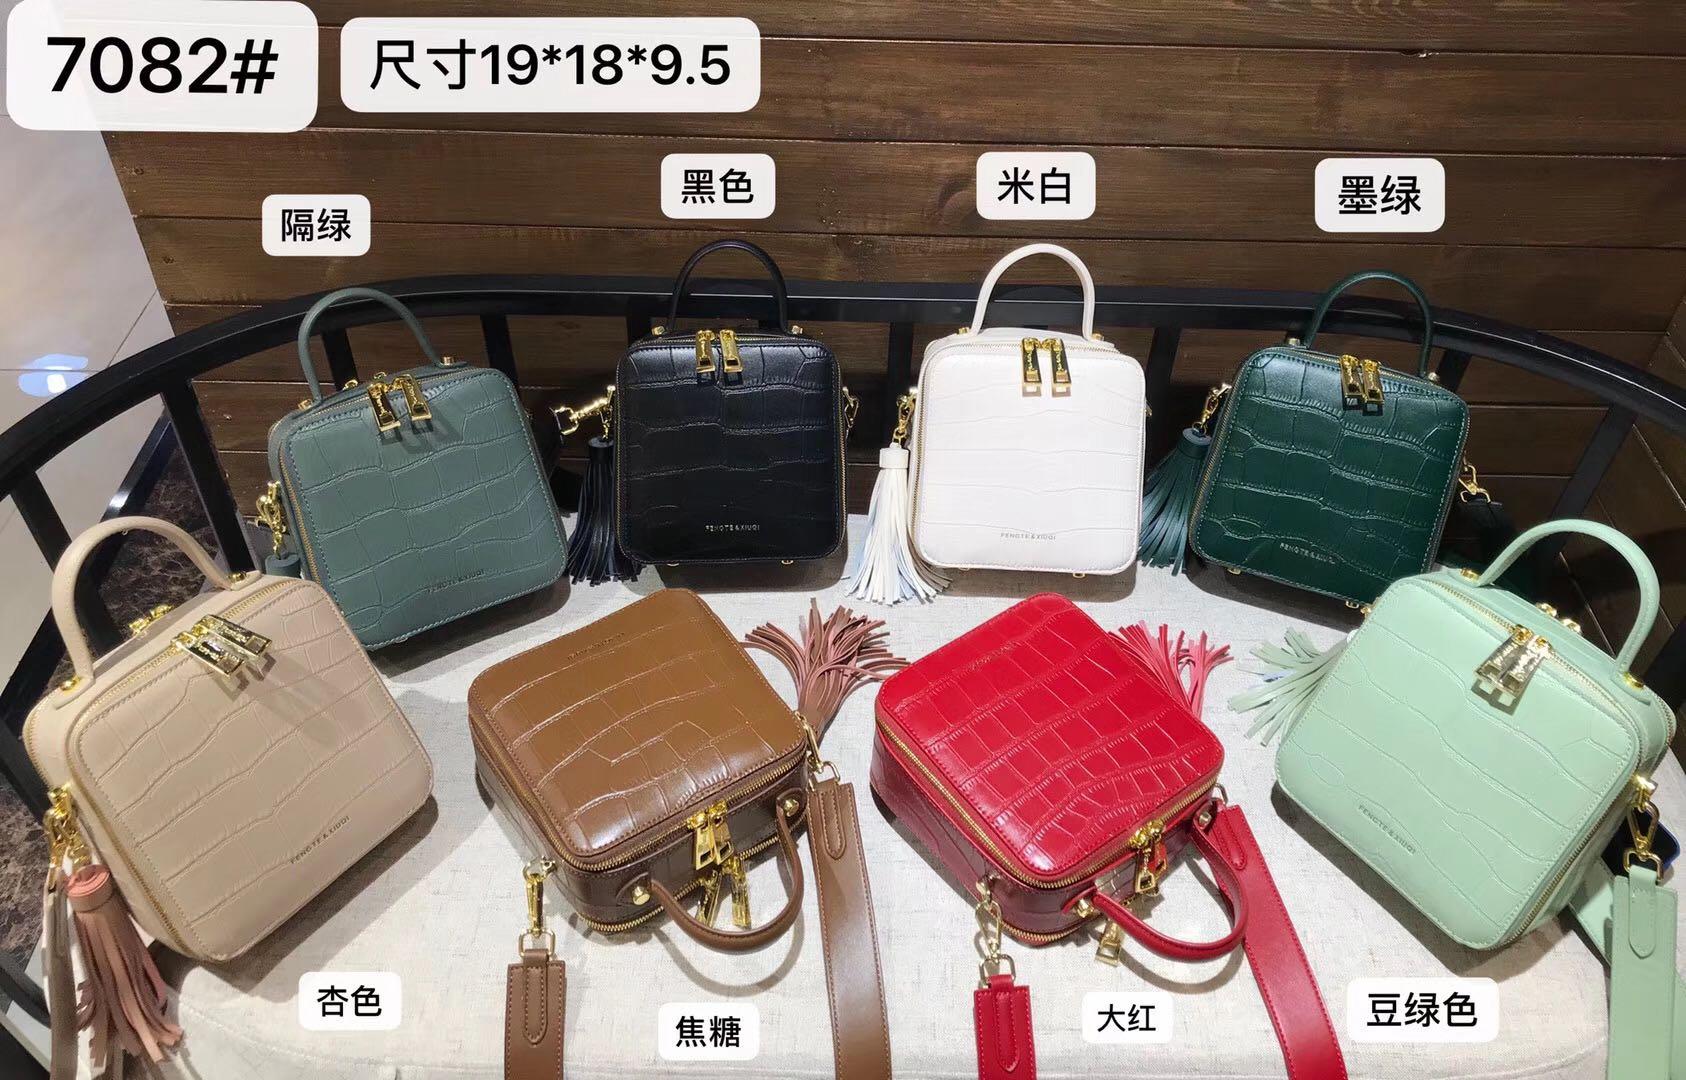 女式真皮手提包 香港品牌真皮包包女包2020新款时尚高级感单肩斜挎手提包简约小包_推荐淘宝好看的女真皮手提包